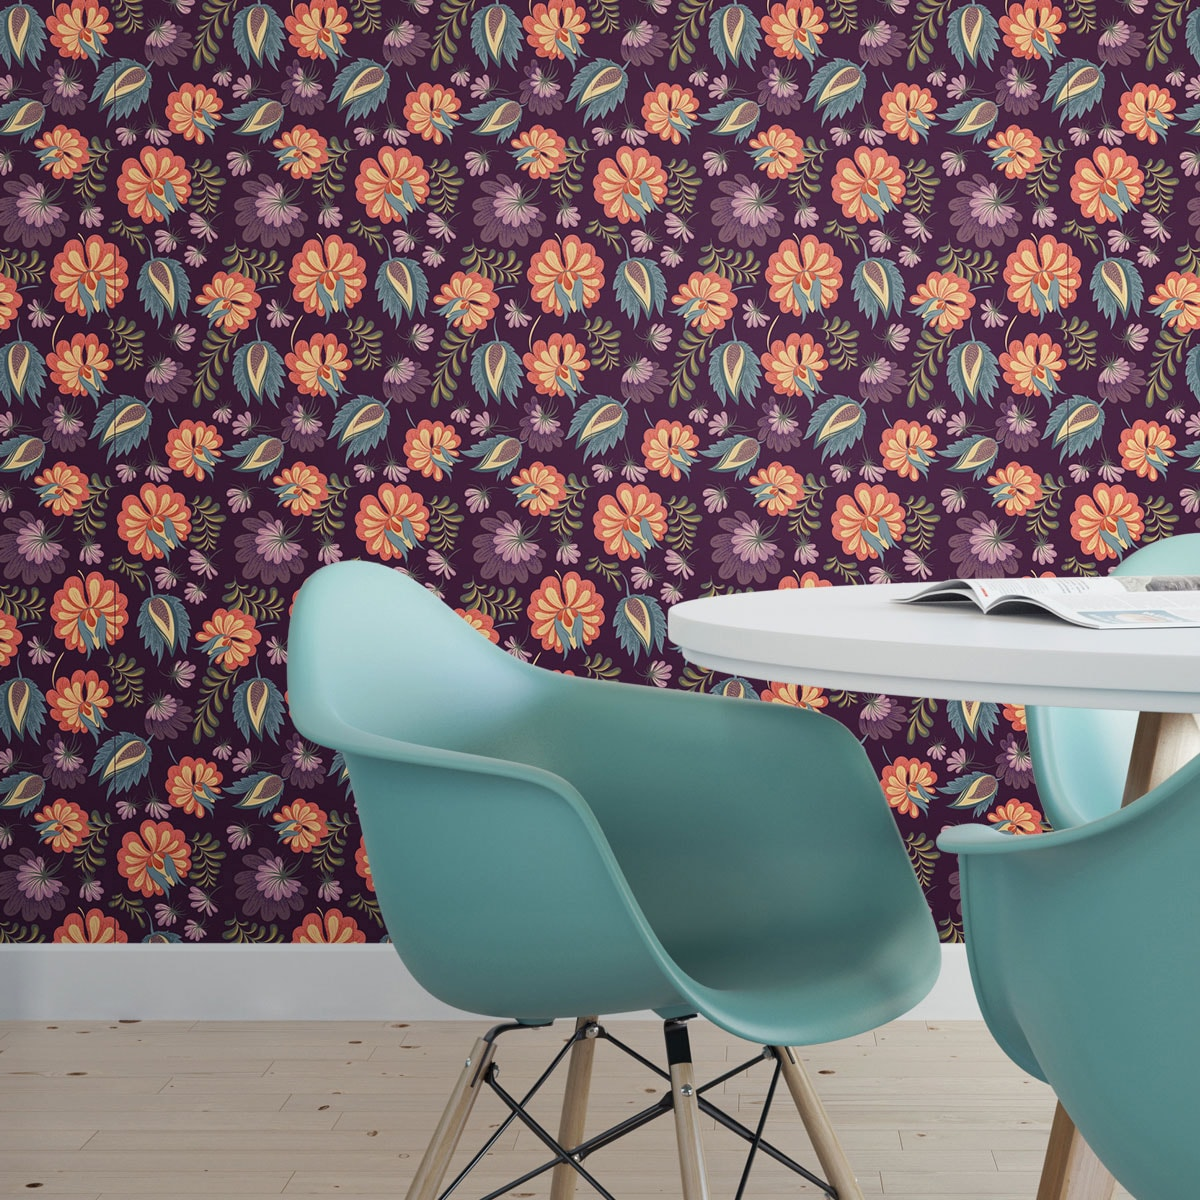 Wandtapete violett: Schöne Tapete mit großen Blüten auf lila violett angepasst an RAL Wandfarbe - Vliestapete Blumen